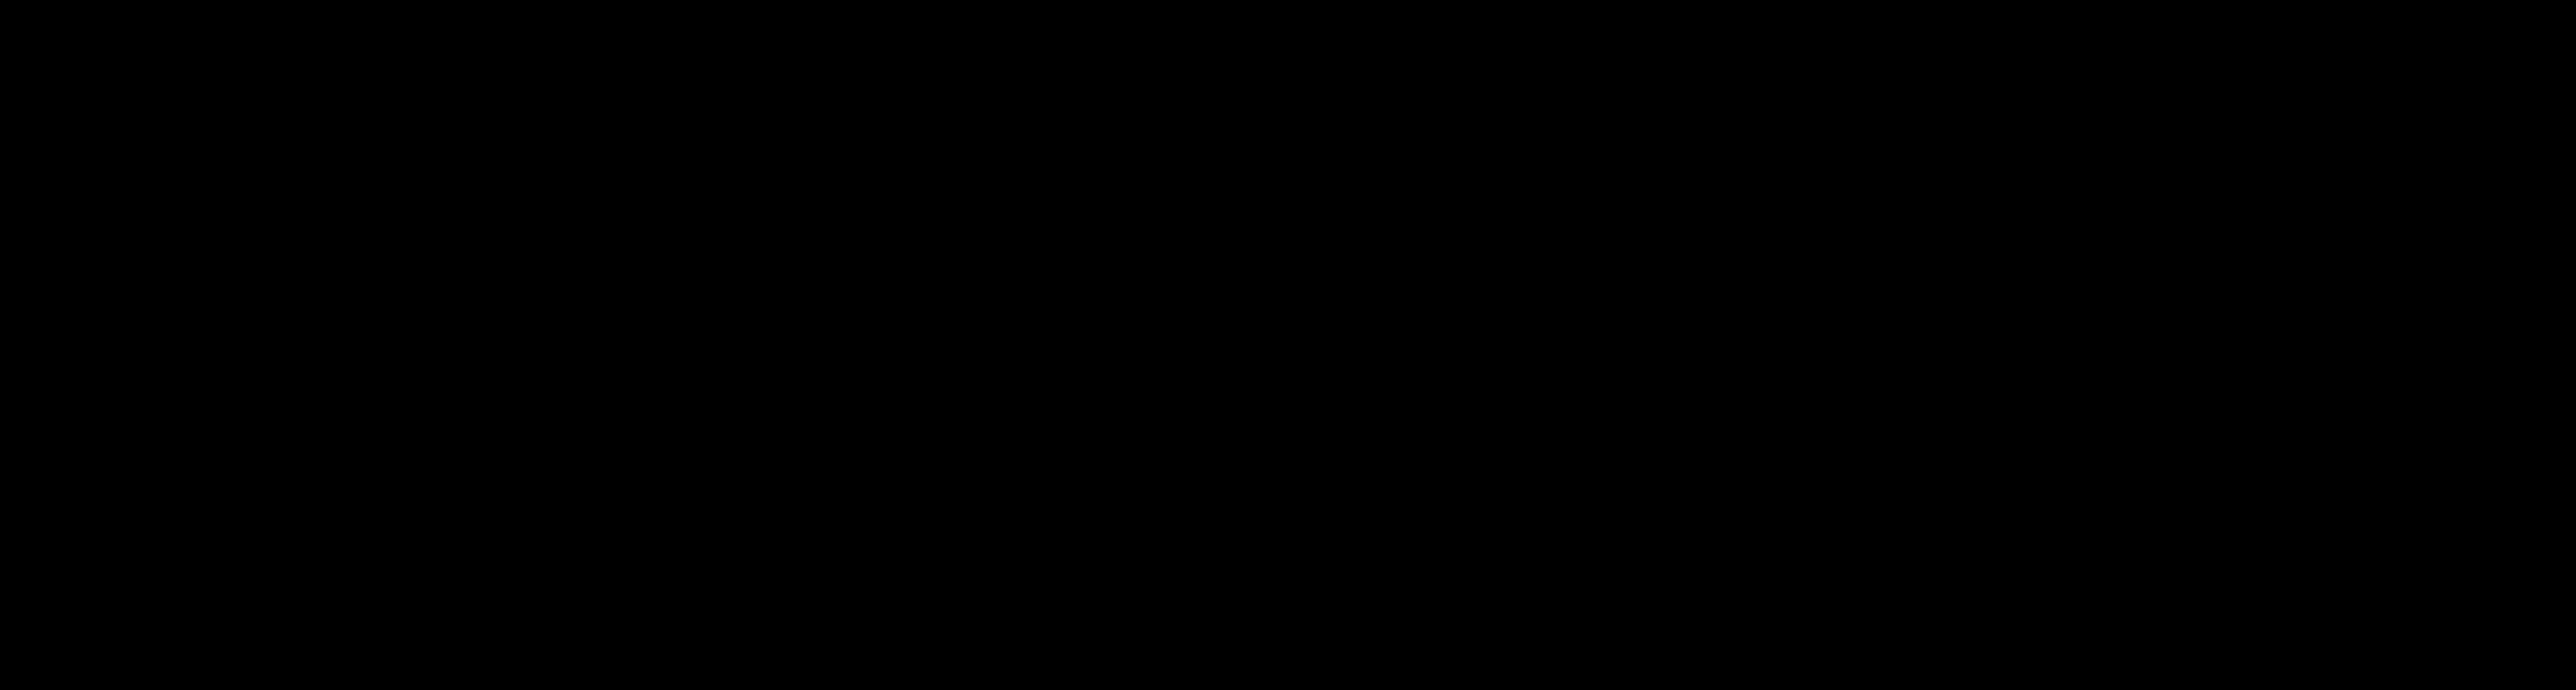 EVGA - Logos Download